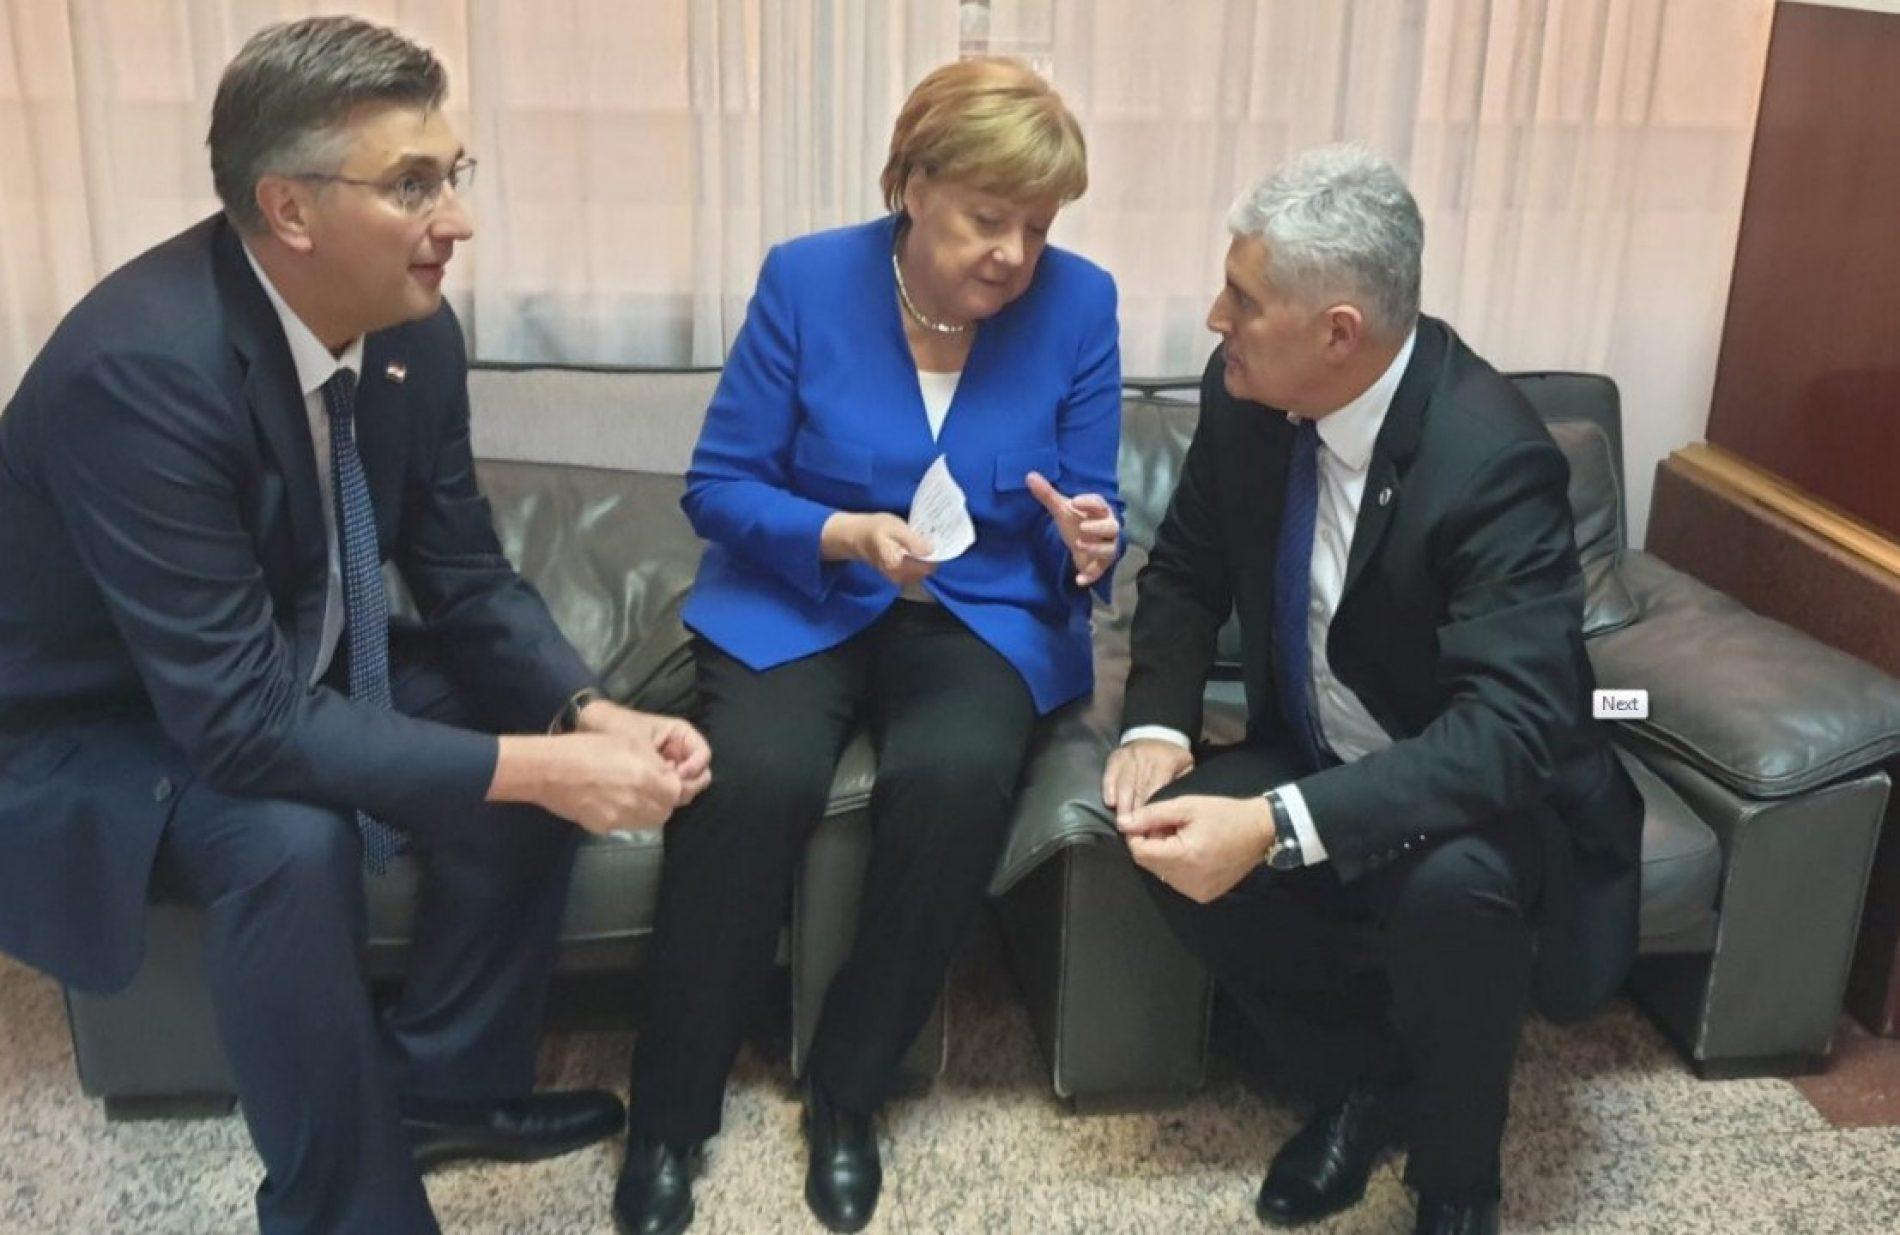 Kritike na račun Merkel zbog podrške HDZ-u